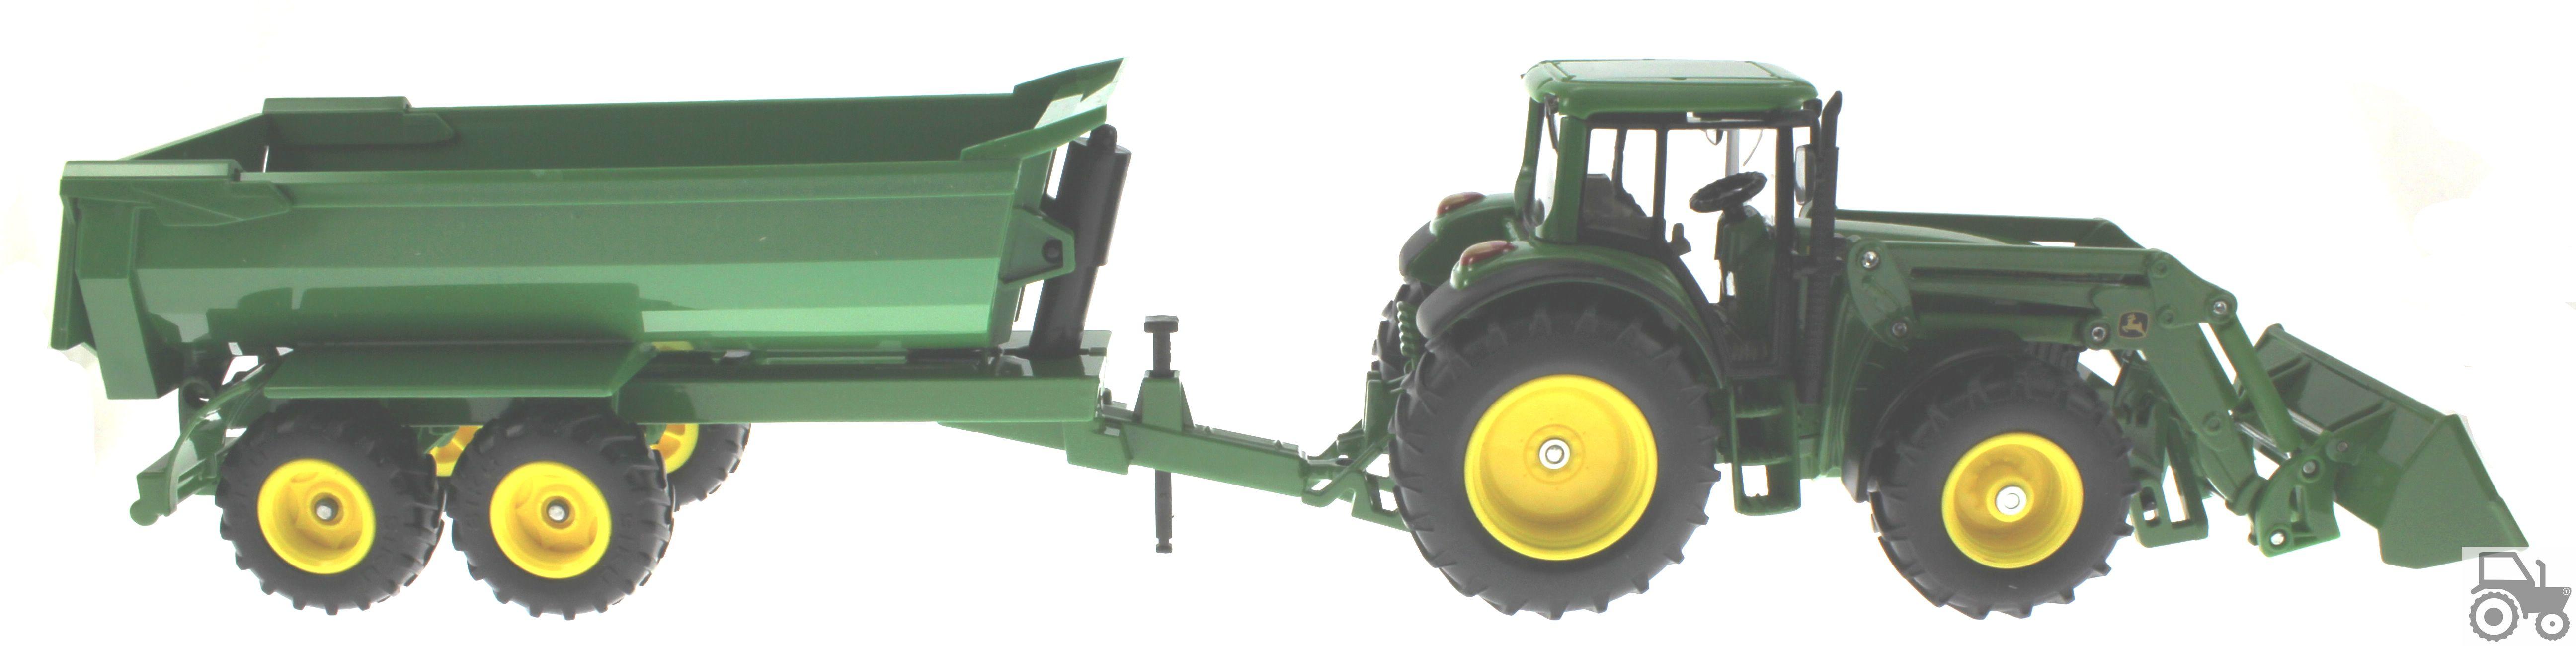 Siku 3863 - John Deere 6820 mit Frontlader und Krampe Muldenkipper